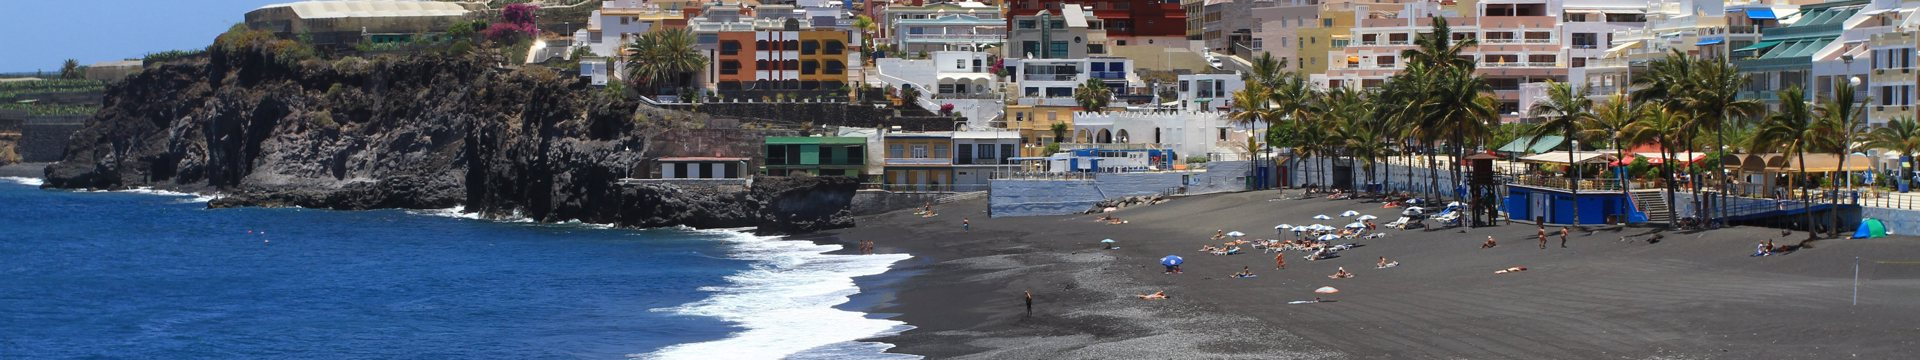 Puerto Naos